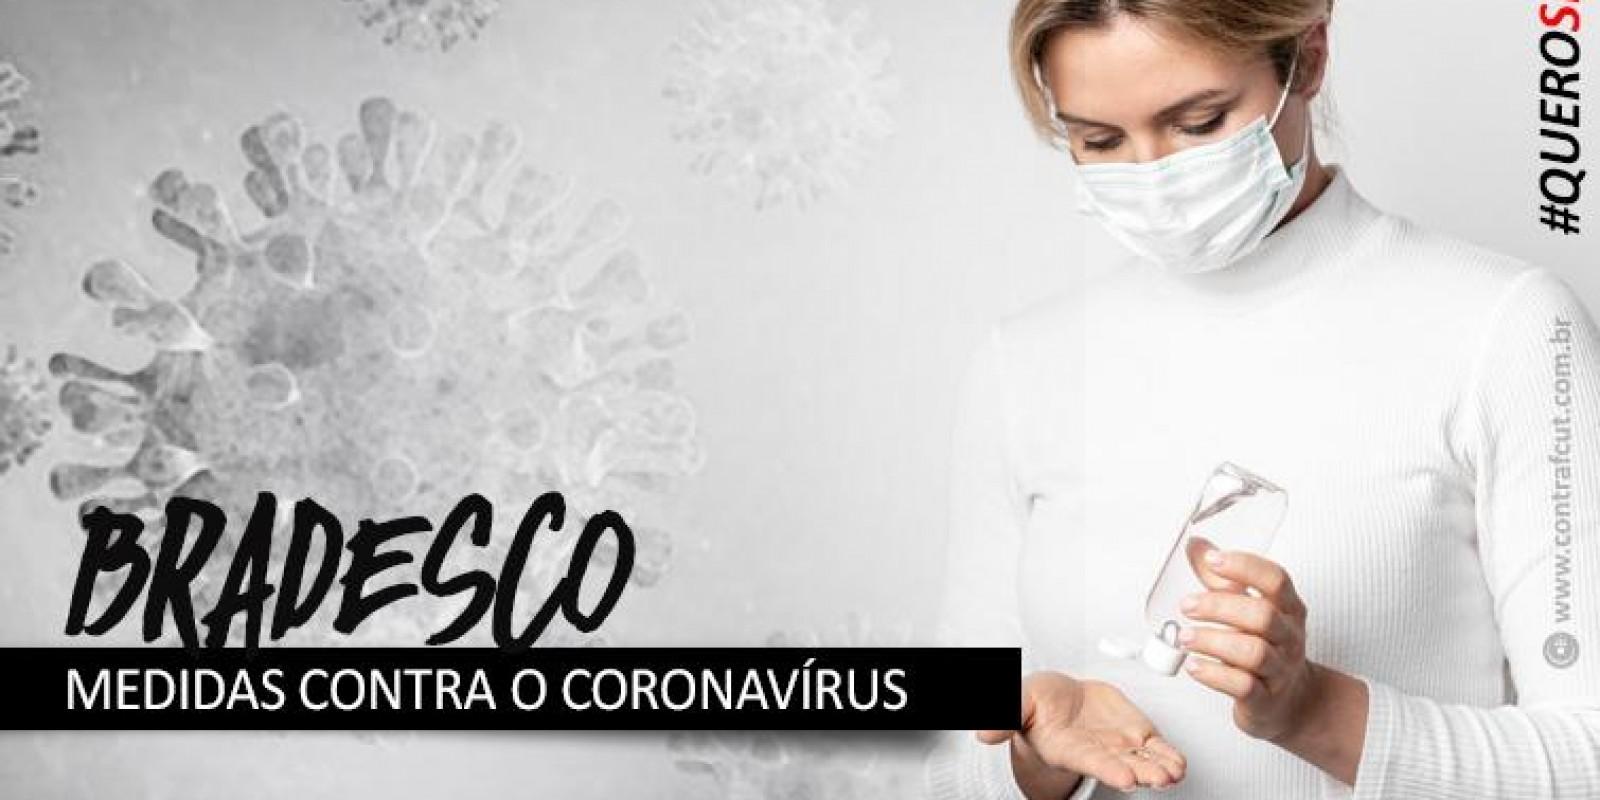 Bradesco começa a distribuir máscaras de acrílicos e vacinas contra gripe